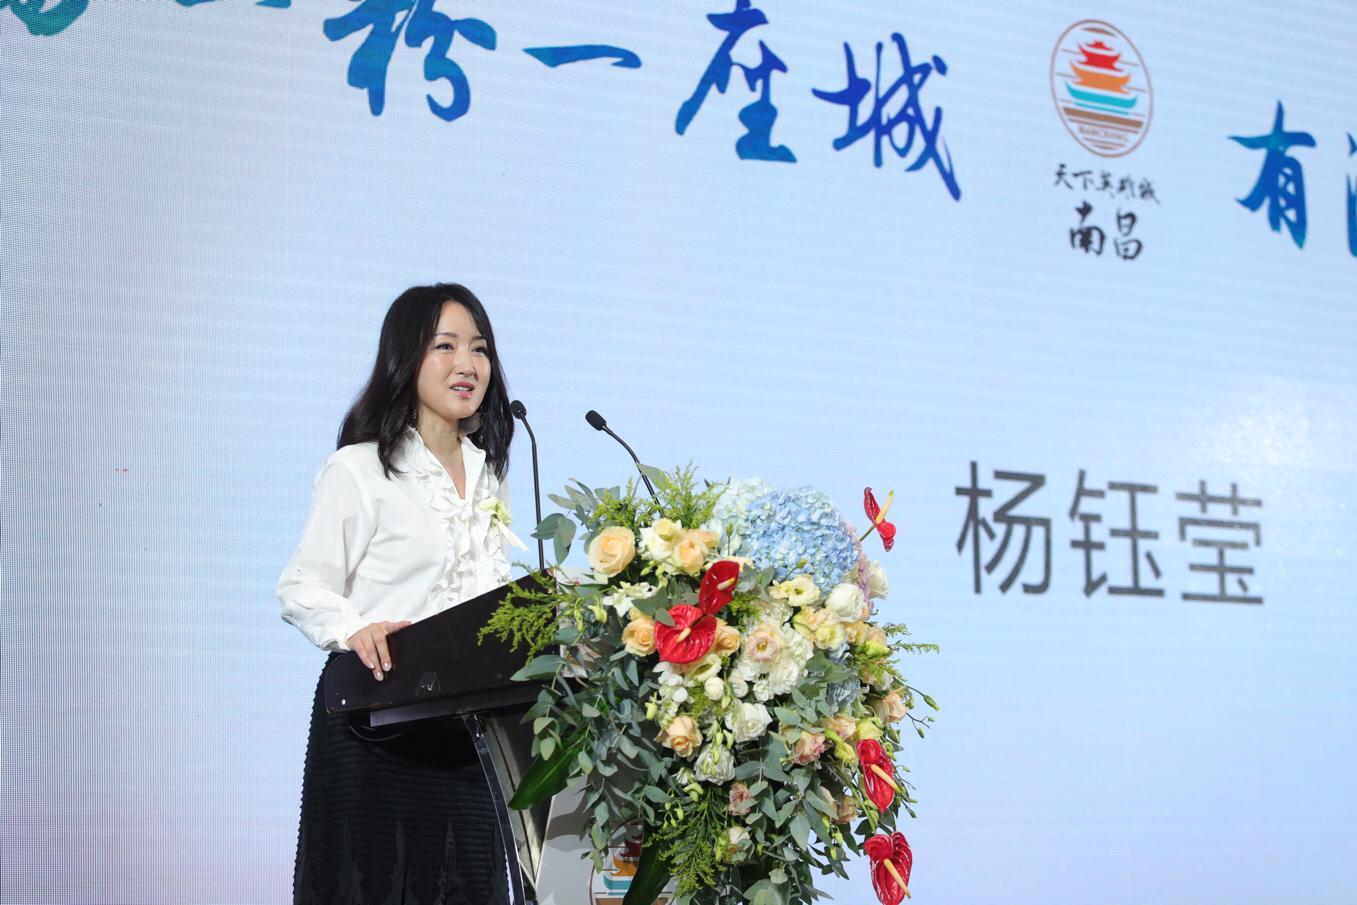 杨钰莹现身活动推广家乡美食 白衣黑裙似少女